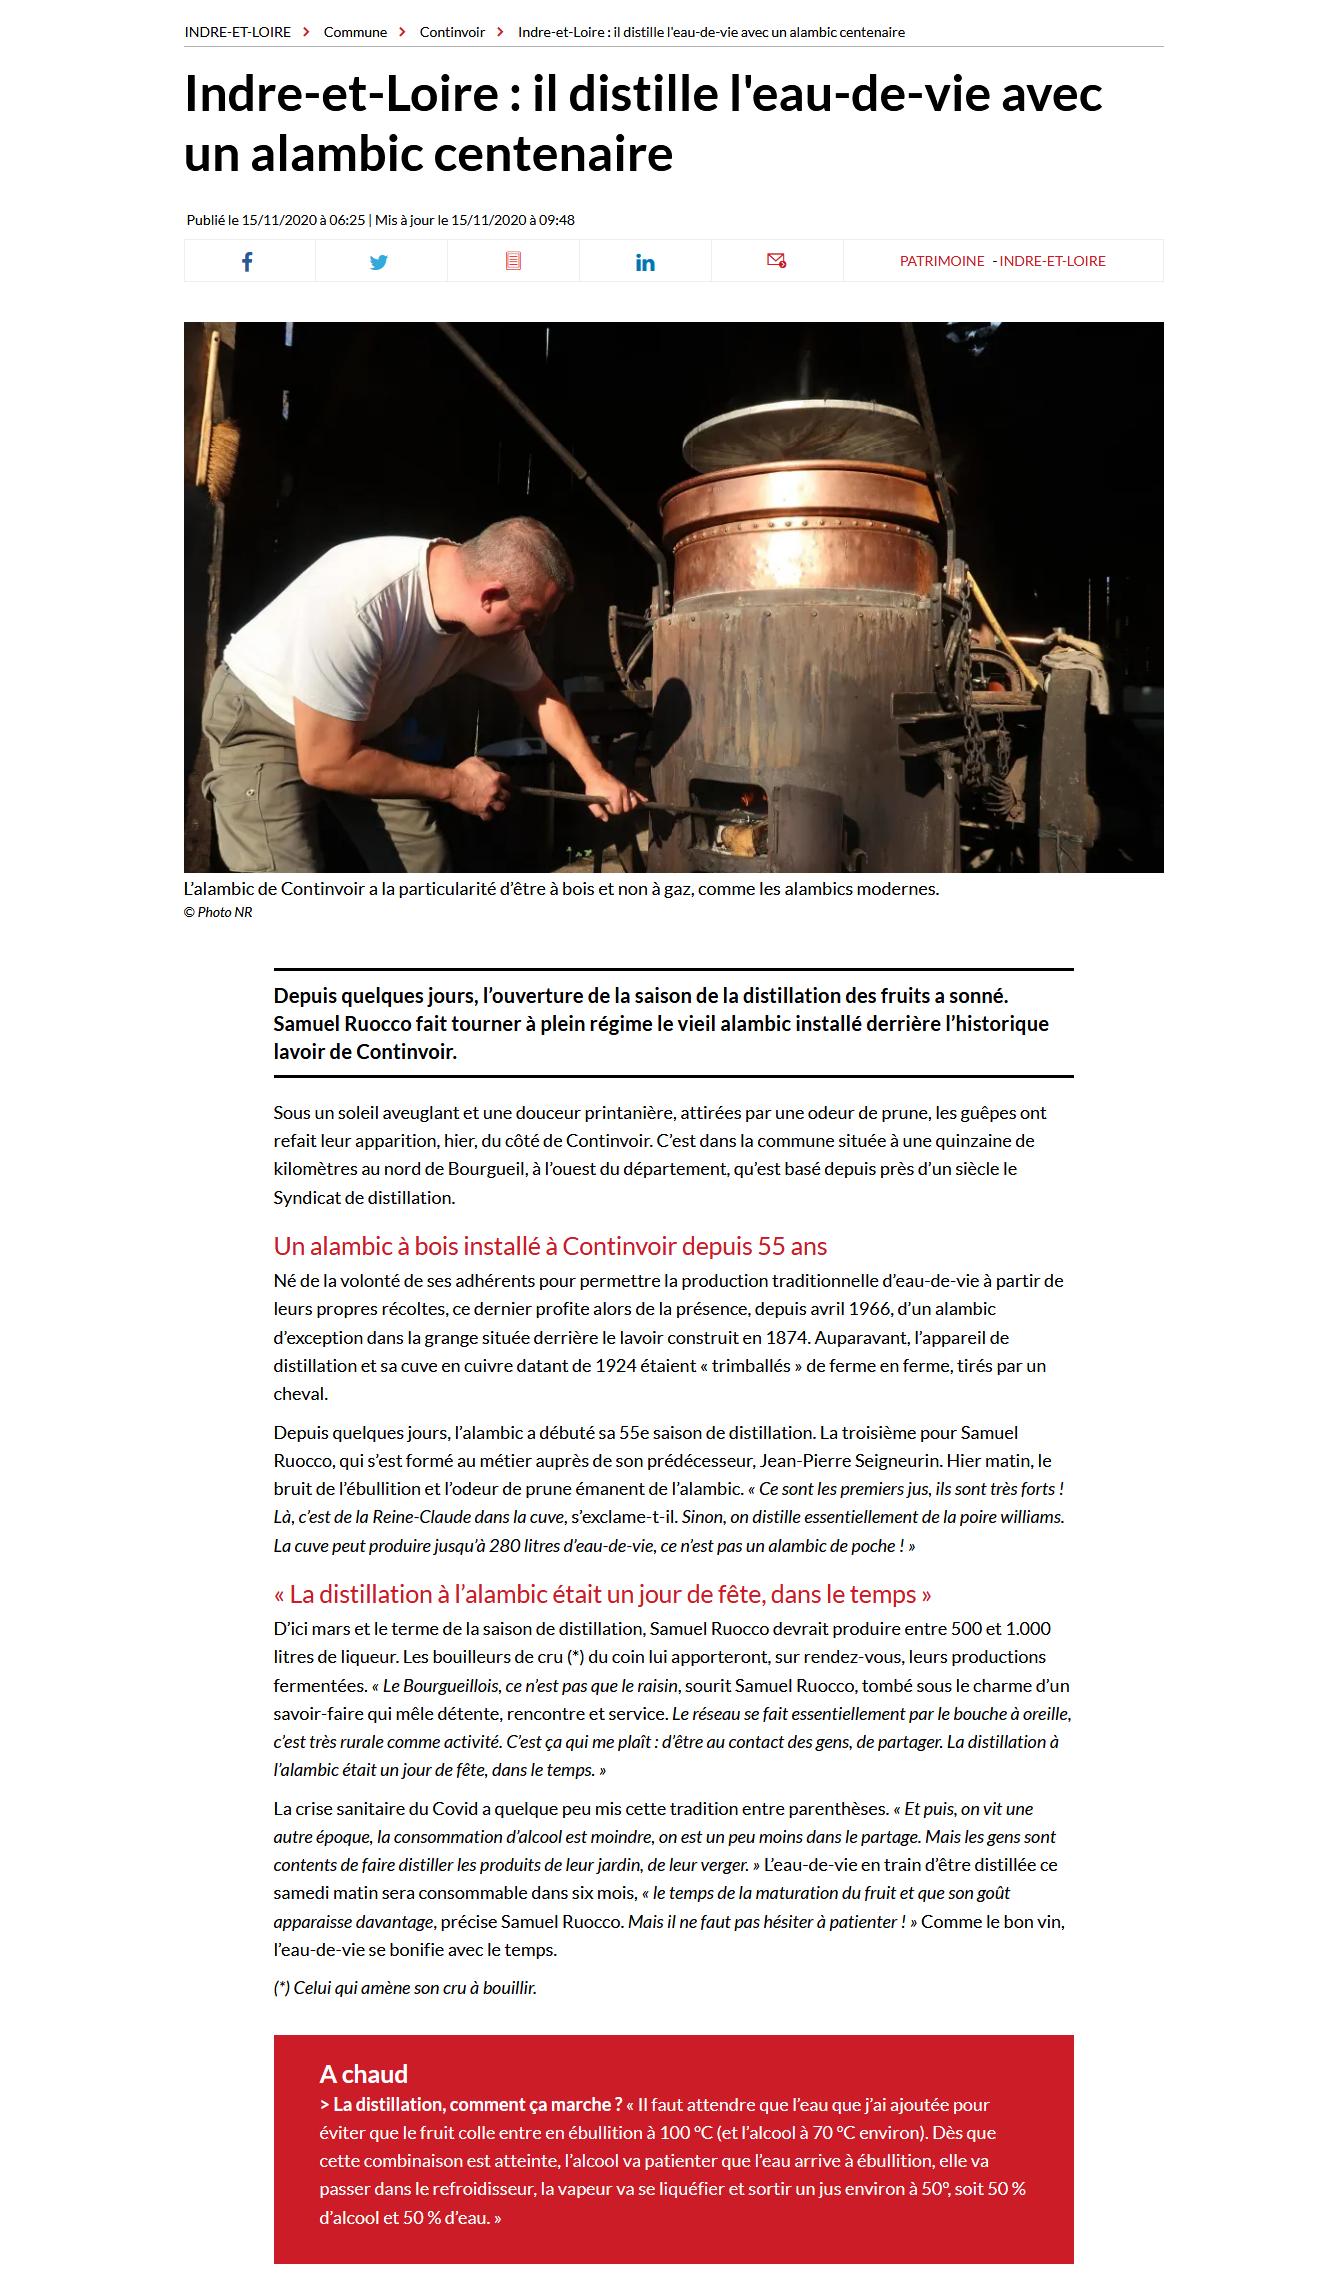 2020-11-15 Indre-et-Loire il distille l_eau-de-vie avec un alambic centenaire_1_.png